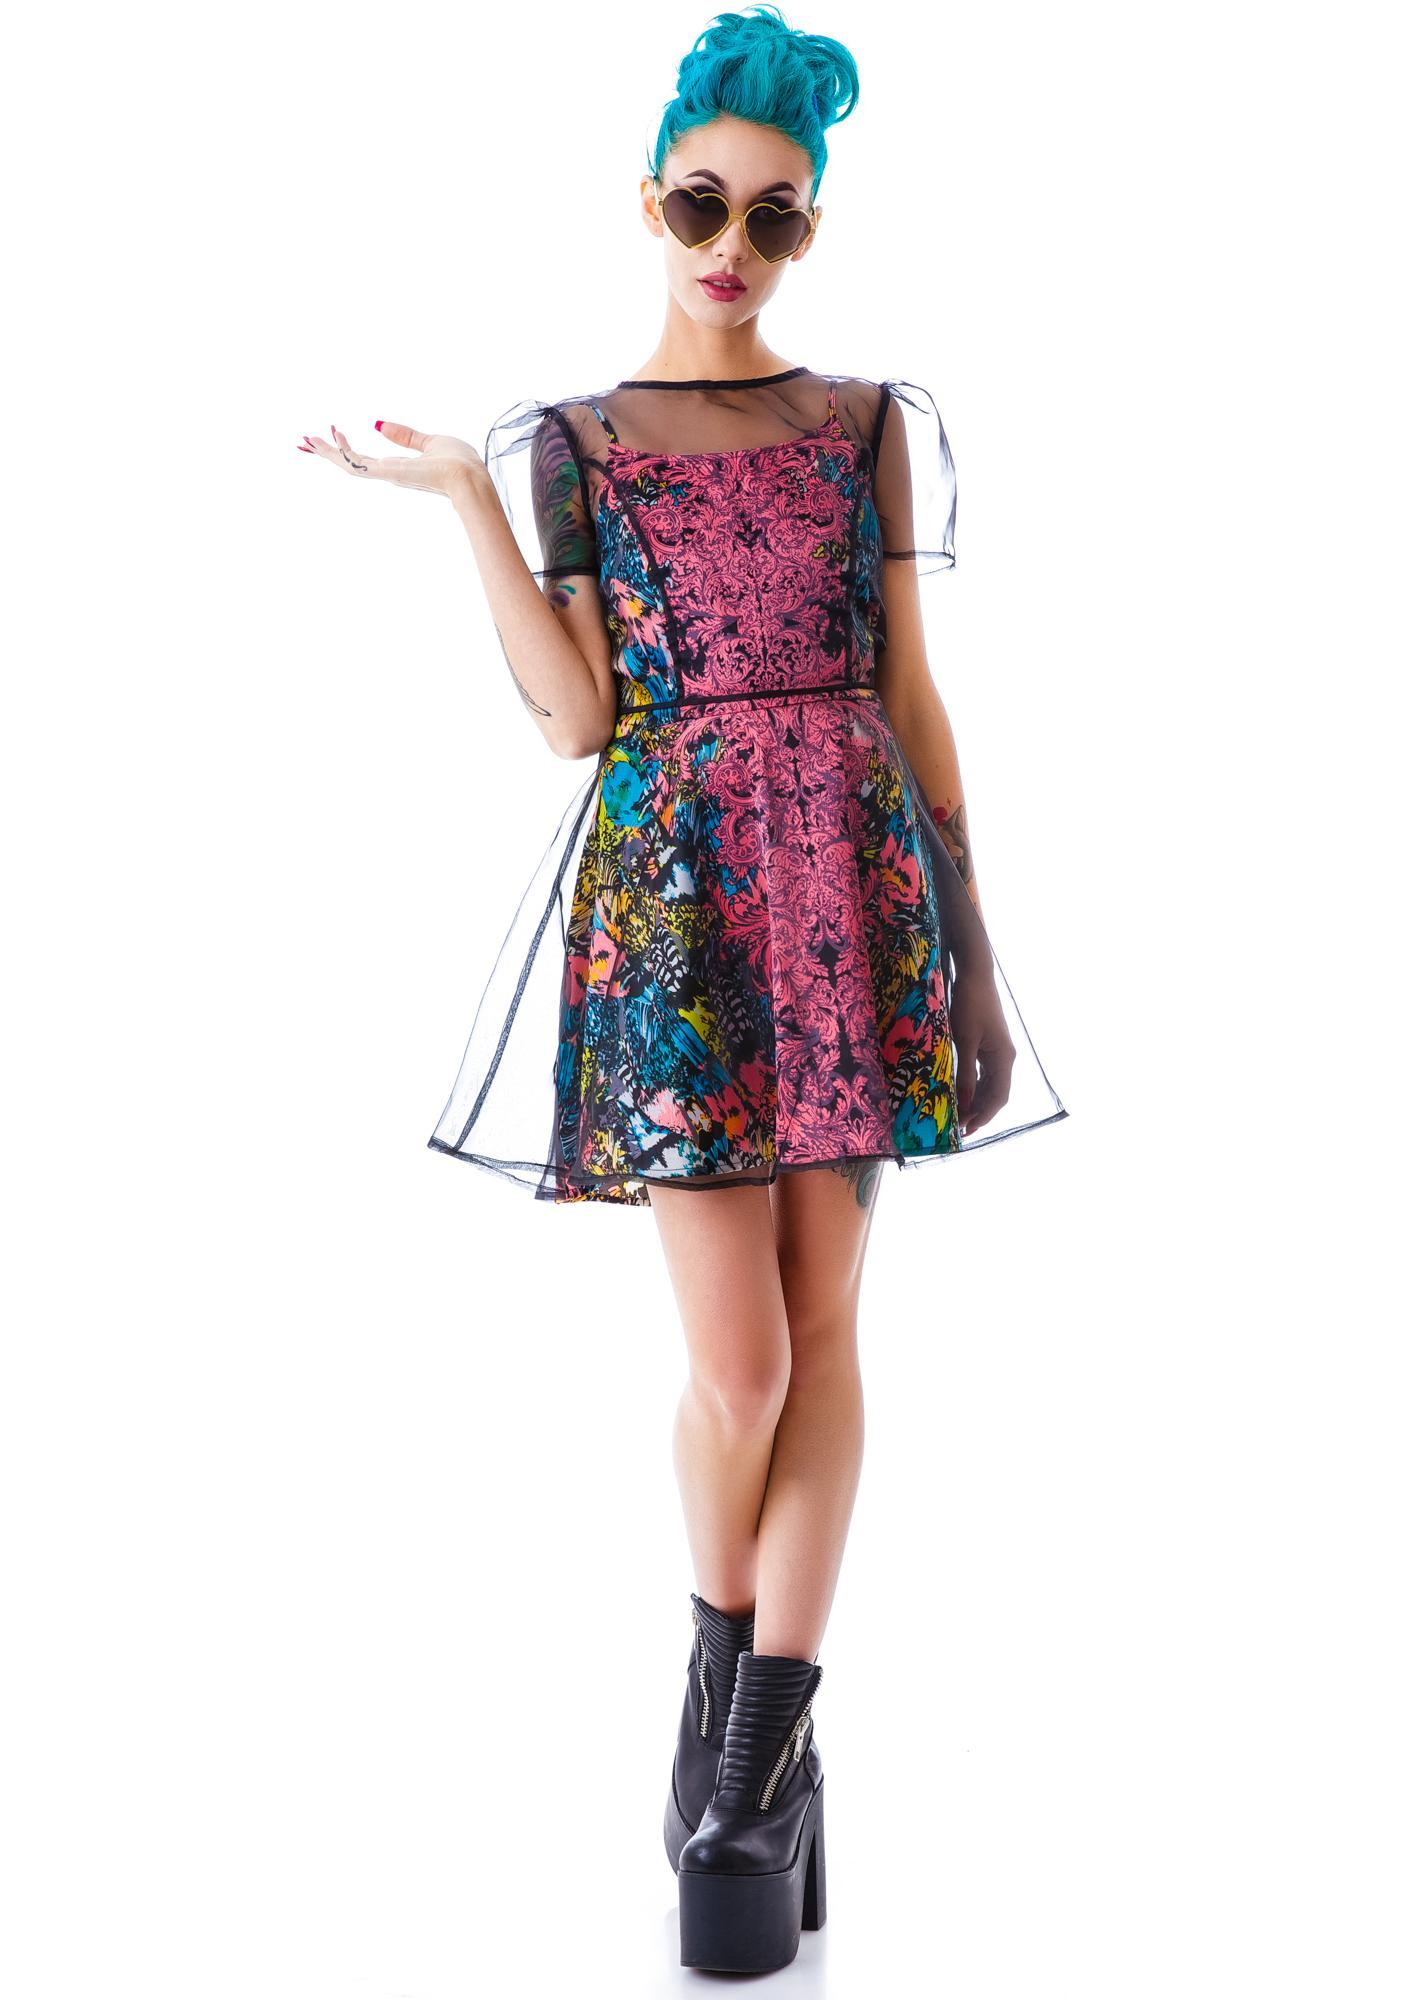 Gianni Flared Dress